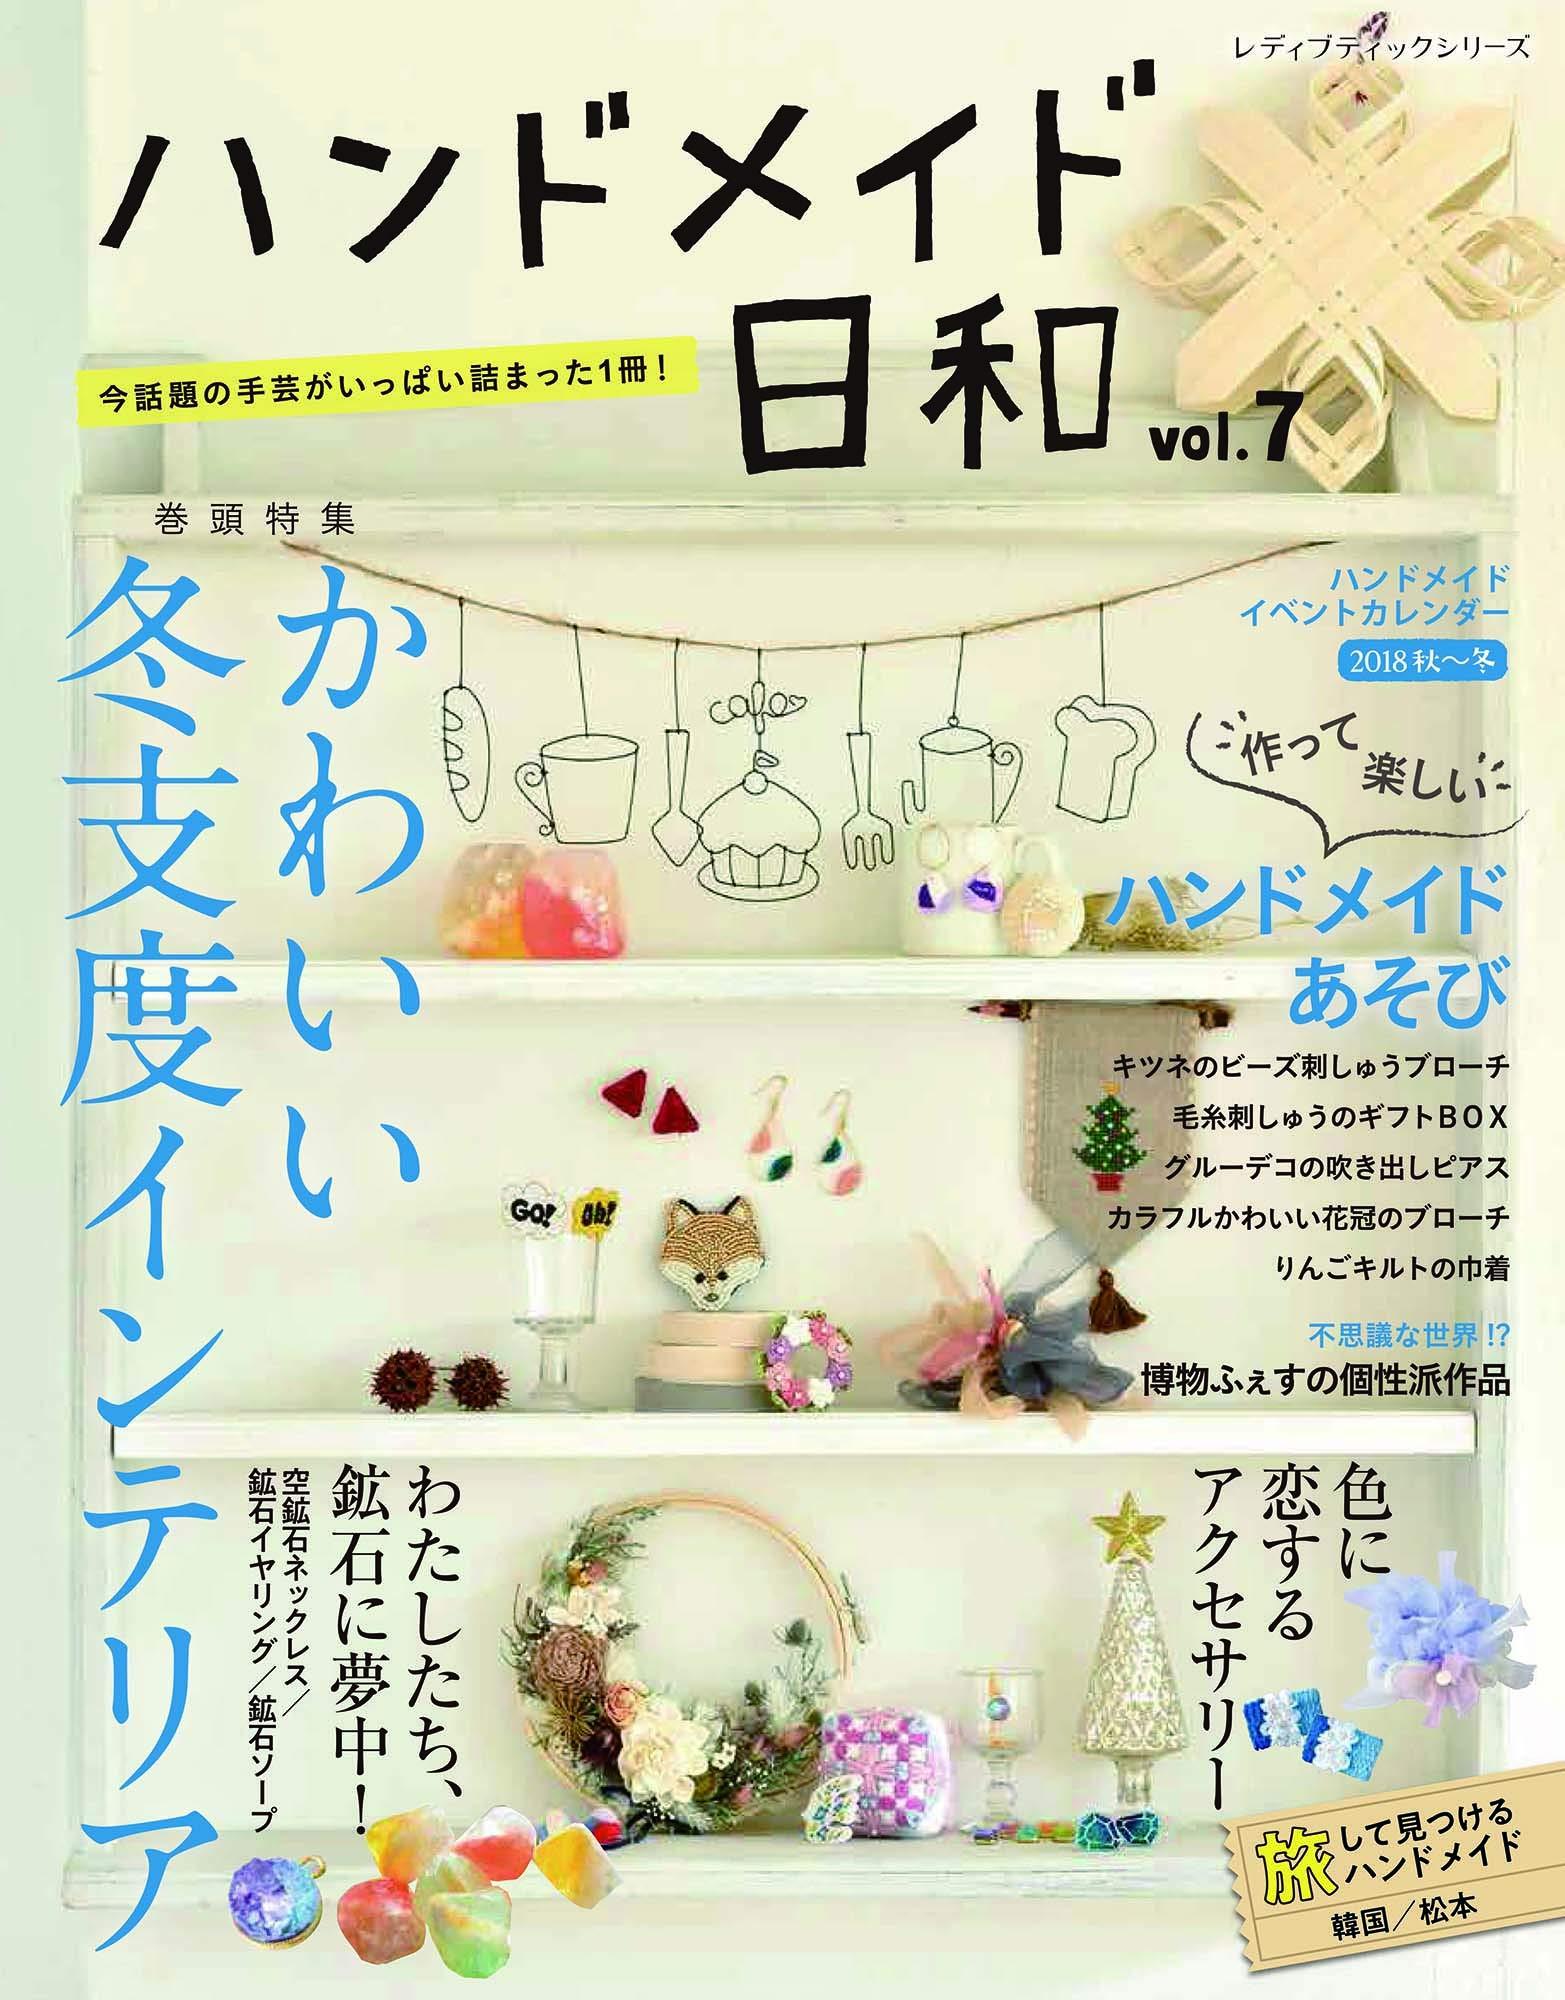 ハンドメイド日和vol.7